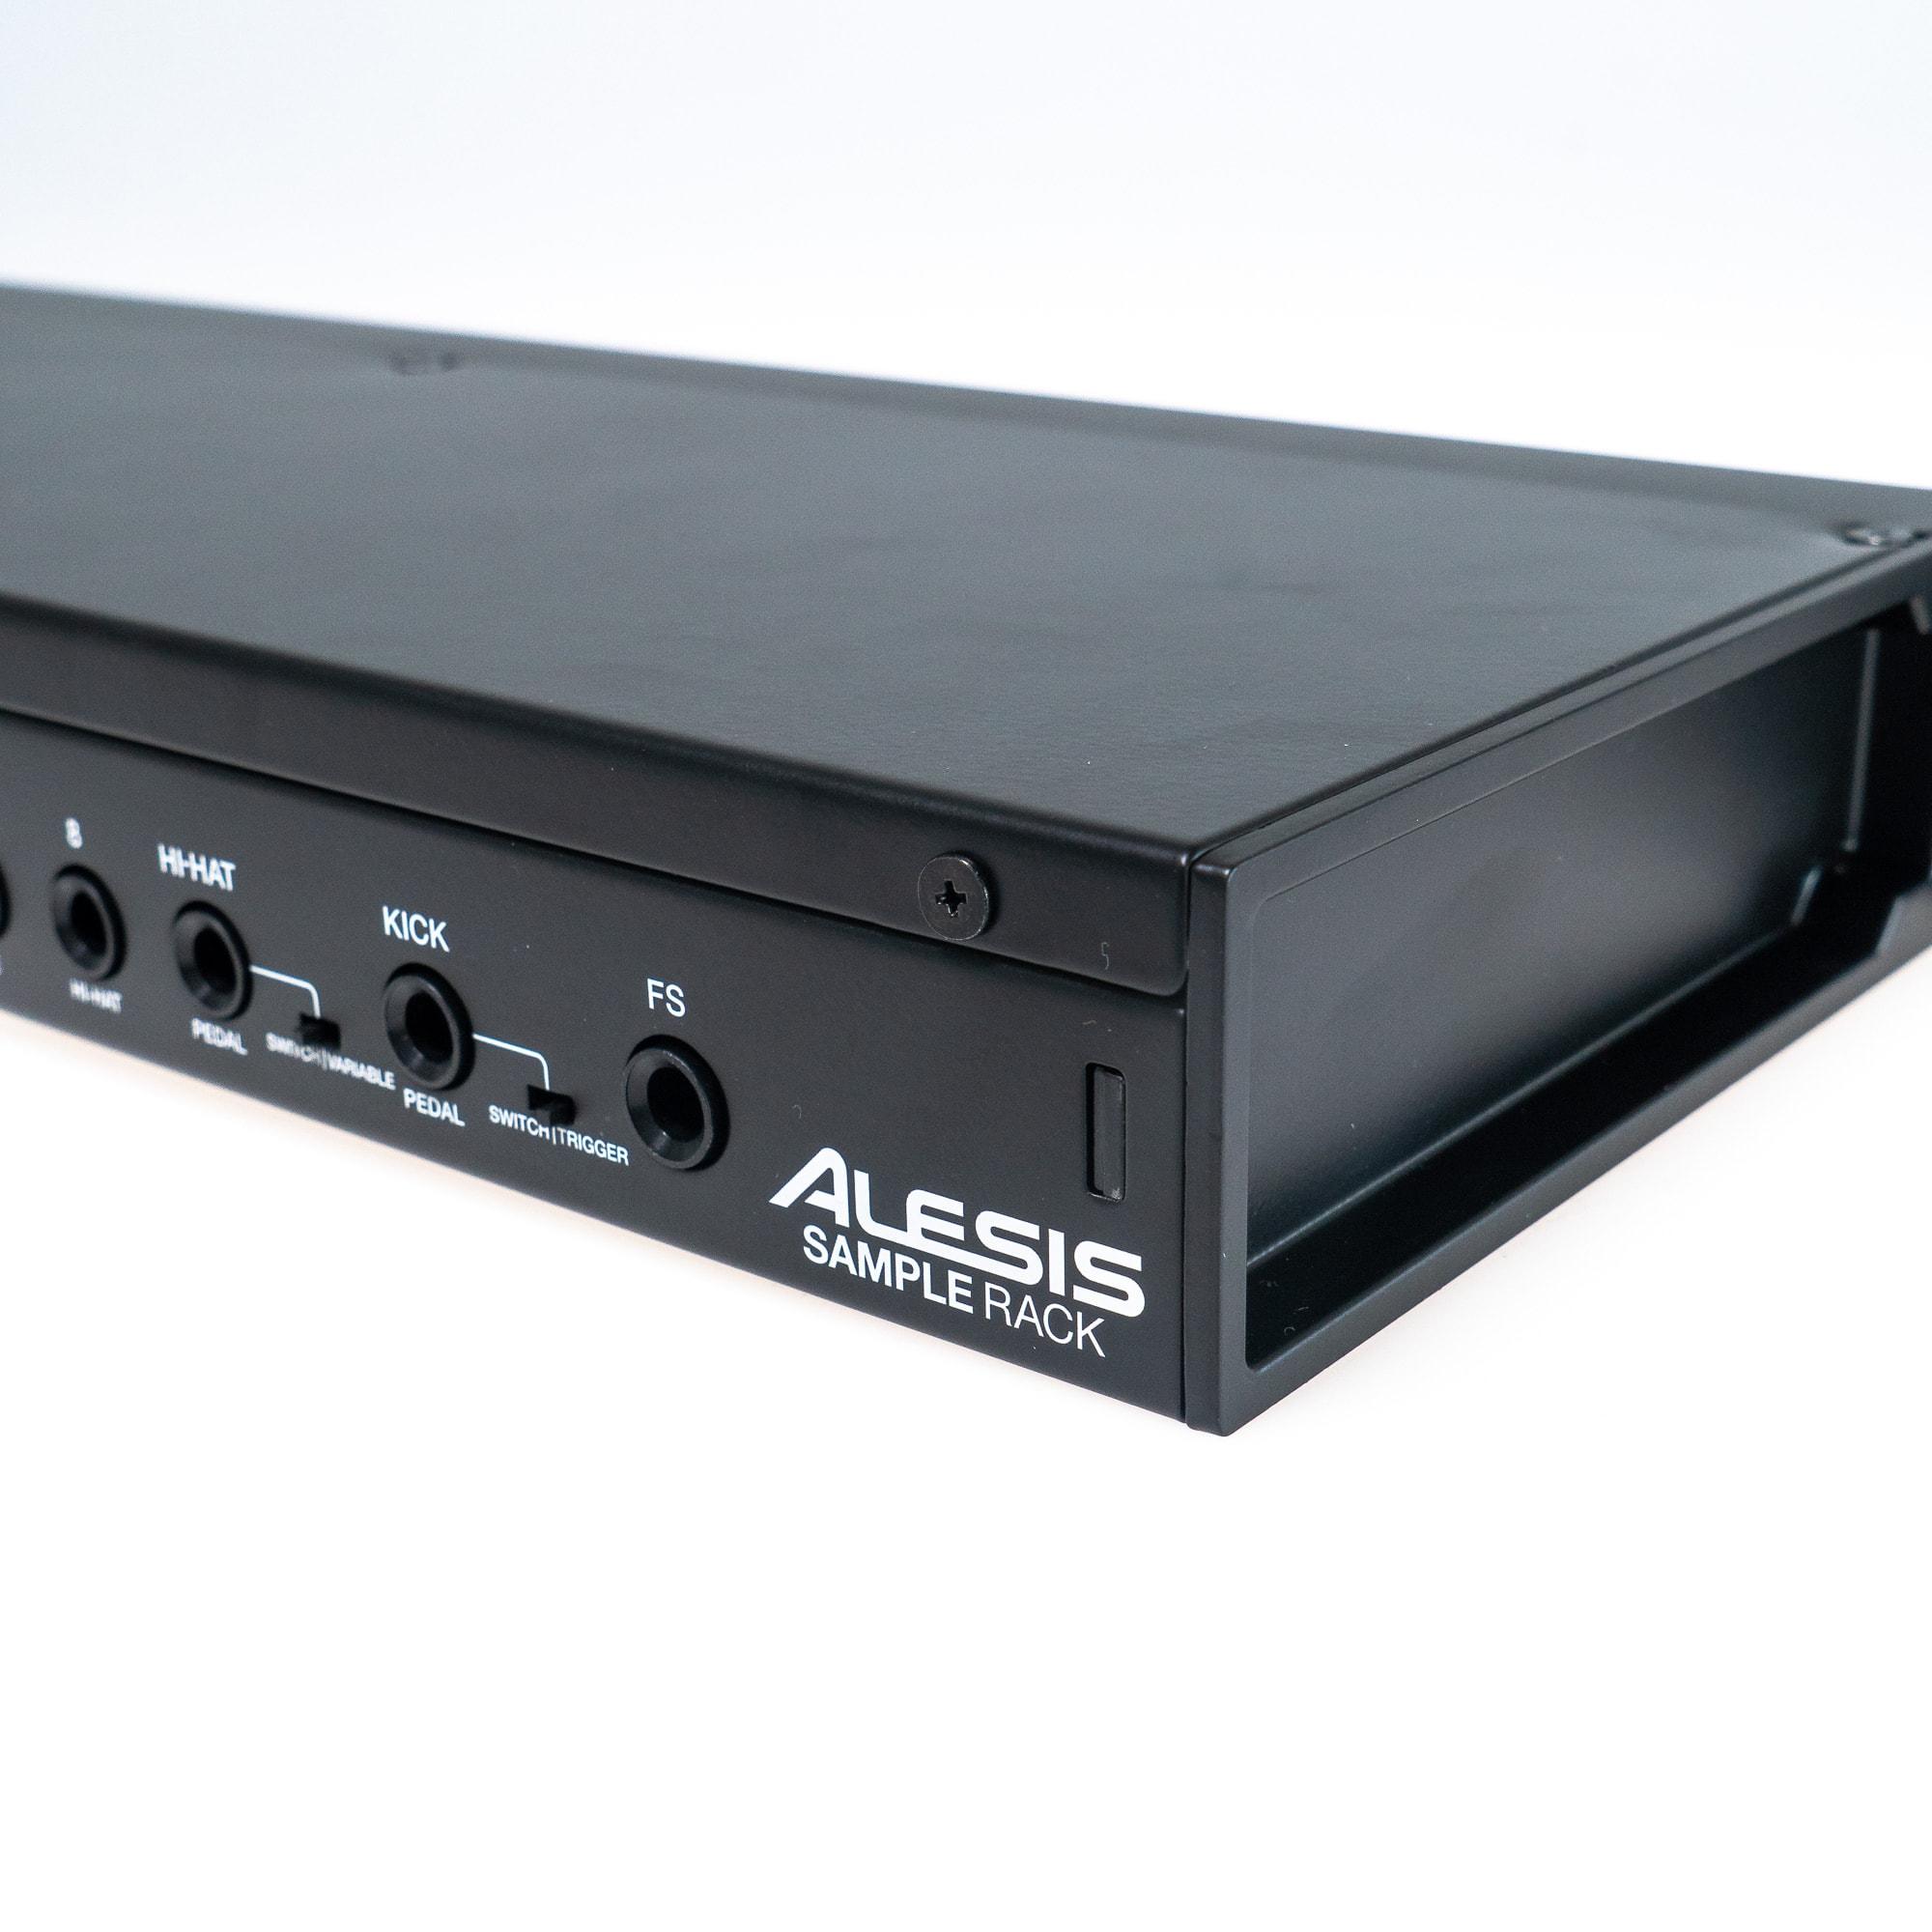 Gebraucht kaufen ALESIS Sample Rack